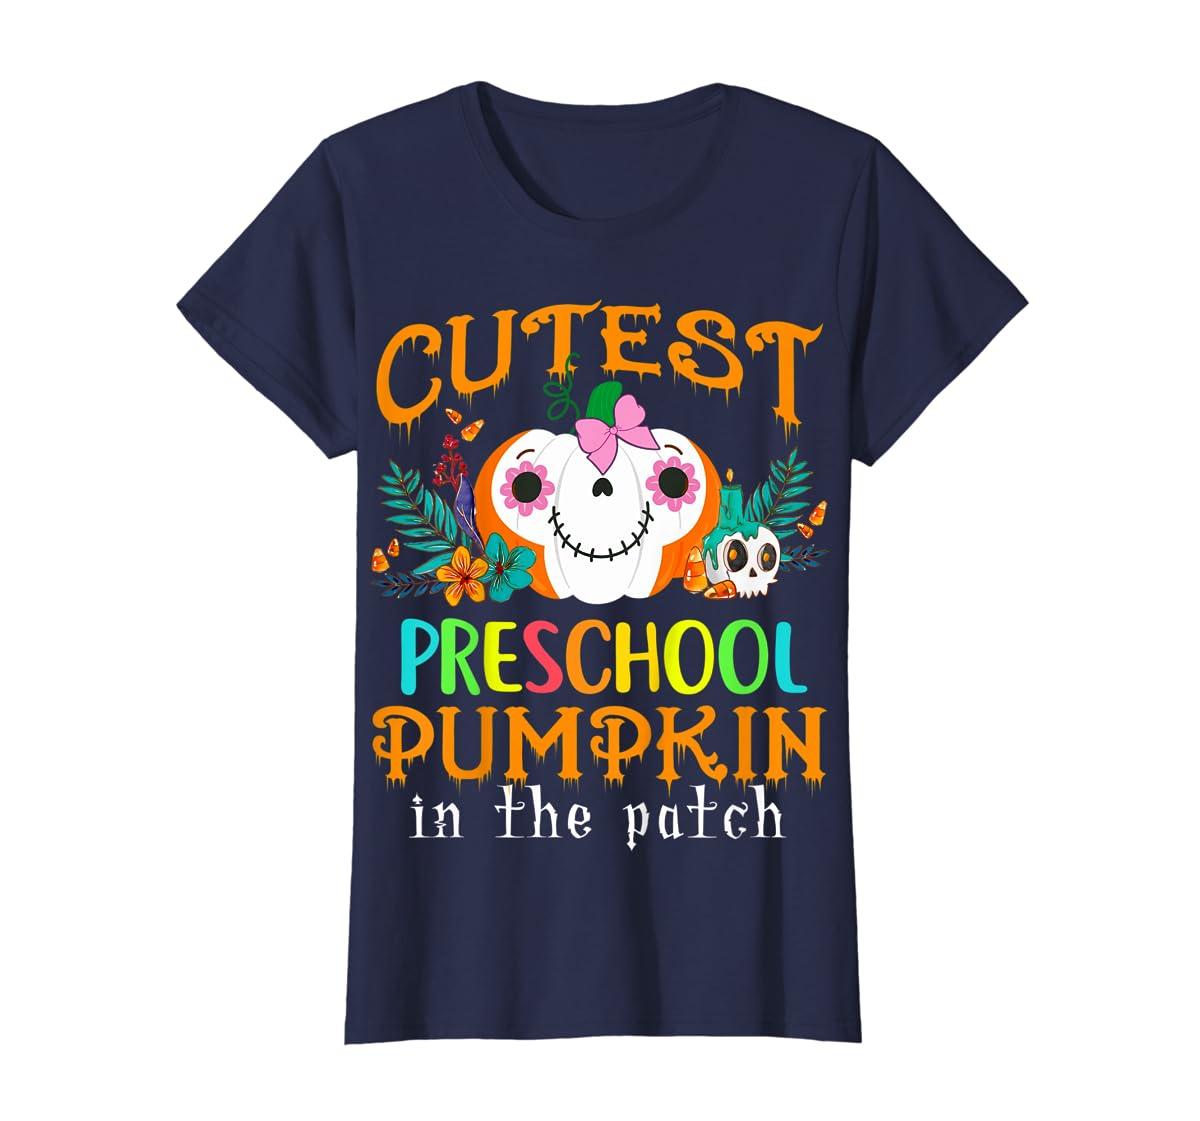 Kids Cutest Preschool Pumpkin In The Patch Halloween Costume Girl T-Shirt-Women's T-Shirt-Navy